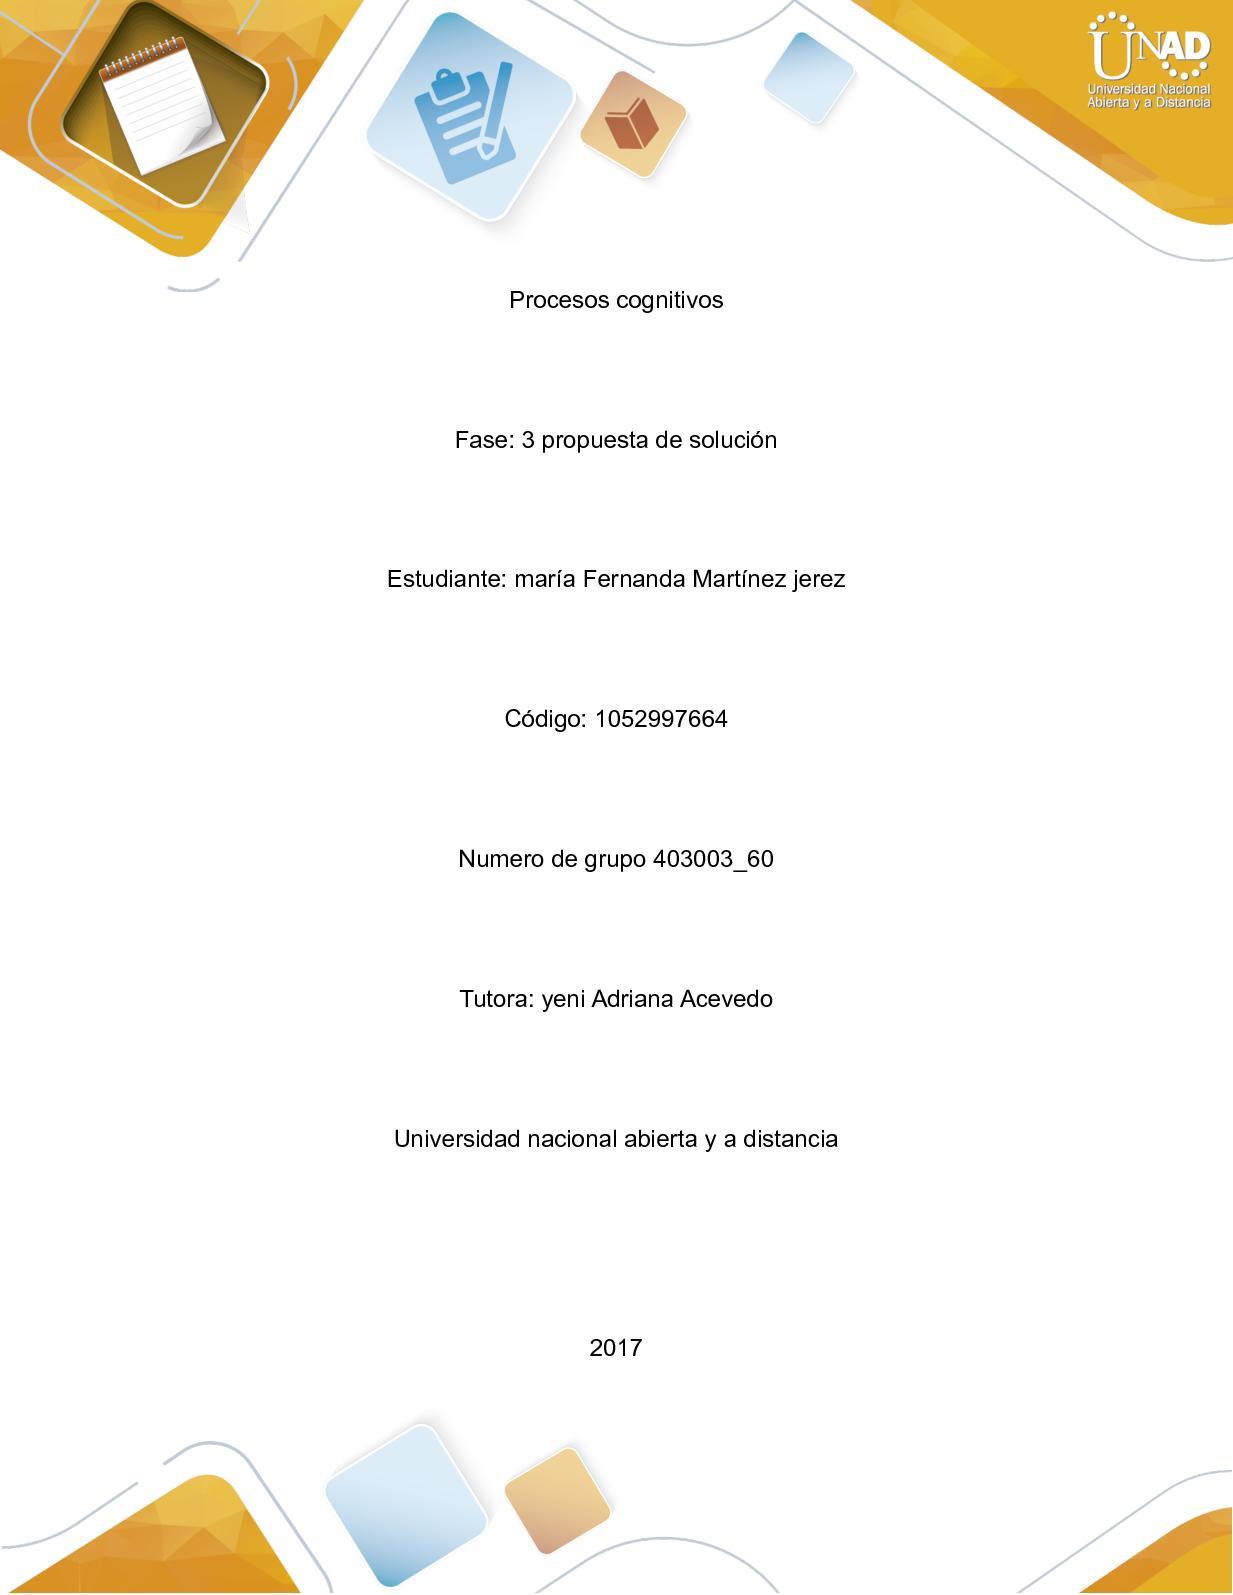 Revista De Entrenamiento Cognitivo Para Ejercitar Las Funciones Ejecutivas